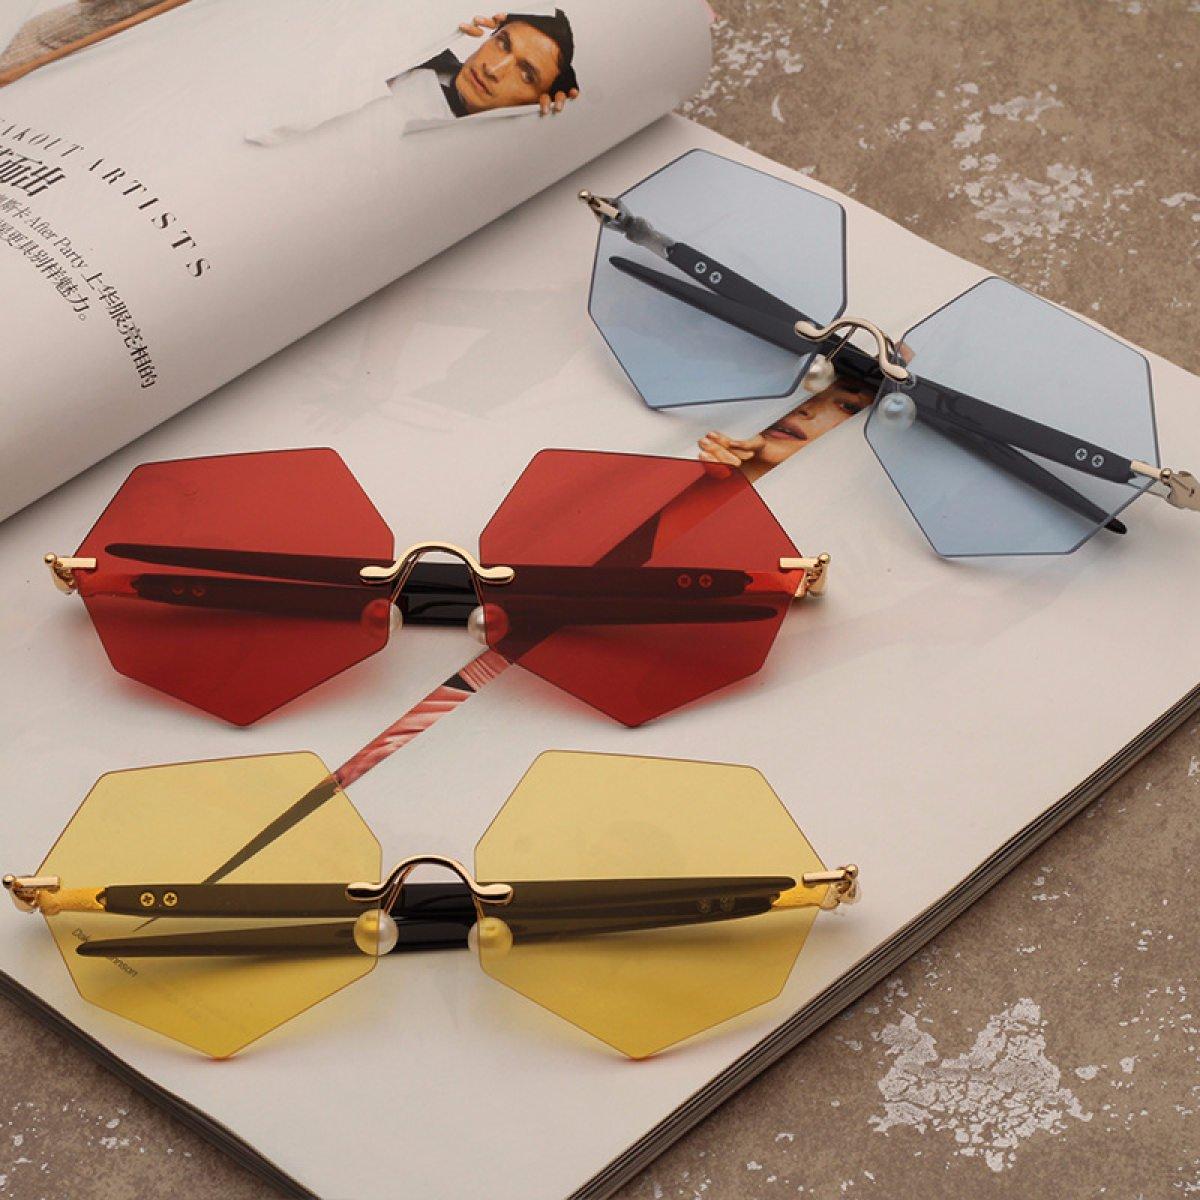 LQABW Neue Rahmenlose Sonnenbrille Trendy Stilvolle Polarisierte Keine Blendung UV-resistente übergroße Sonnenbrille,I